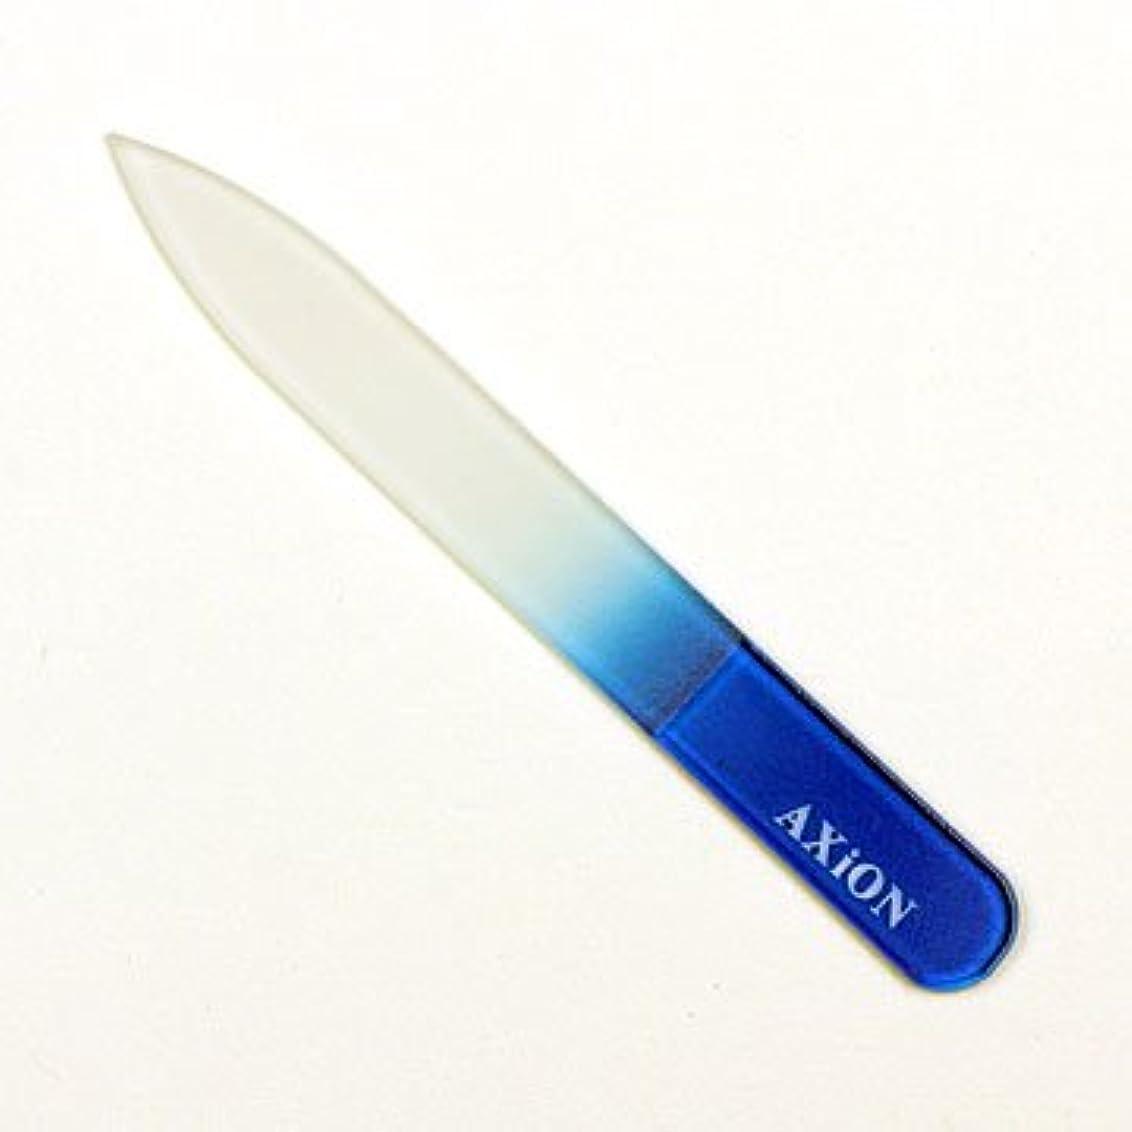 シャベル休憩する策定するチェコ製 AXiON(アクシオン)ガラス製爪ヤスリ(ブルー)両面タイプ #slg009567fba